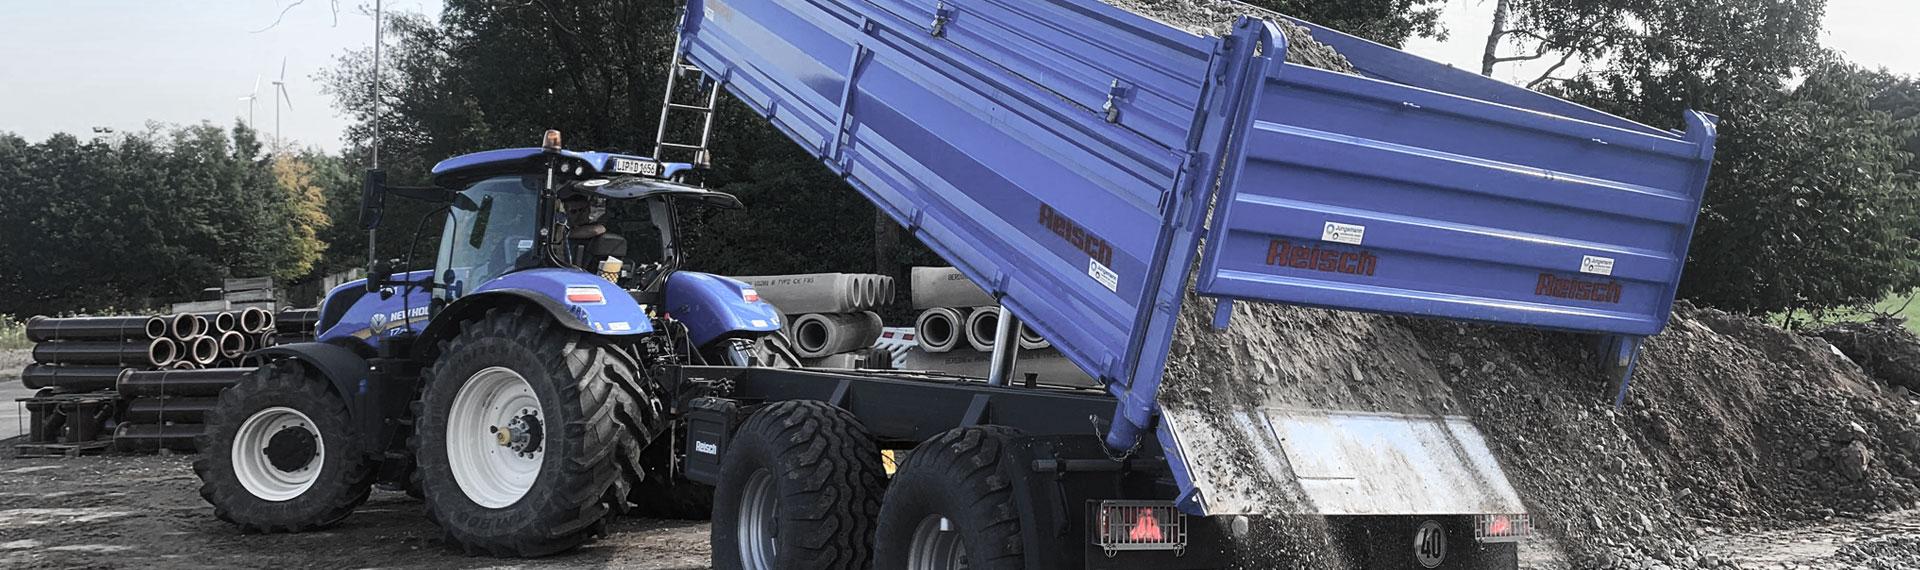 Gövdesi Hardox® sac çelikten yapılmış bir mavi damperli kamyon, taşlardan oluşan yükünü boşaltıyor.